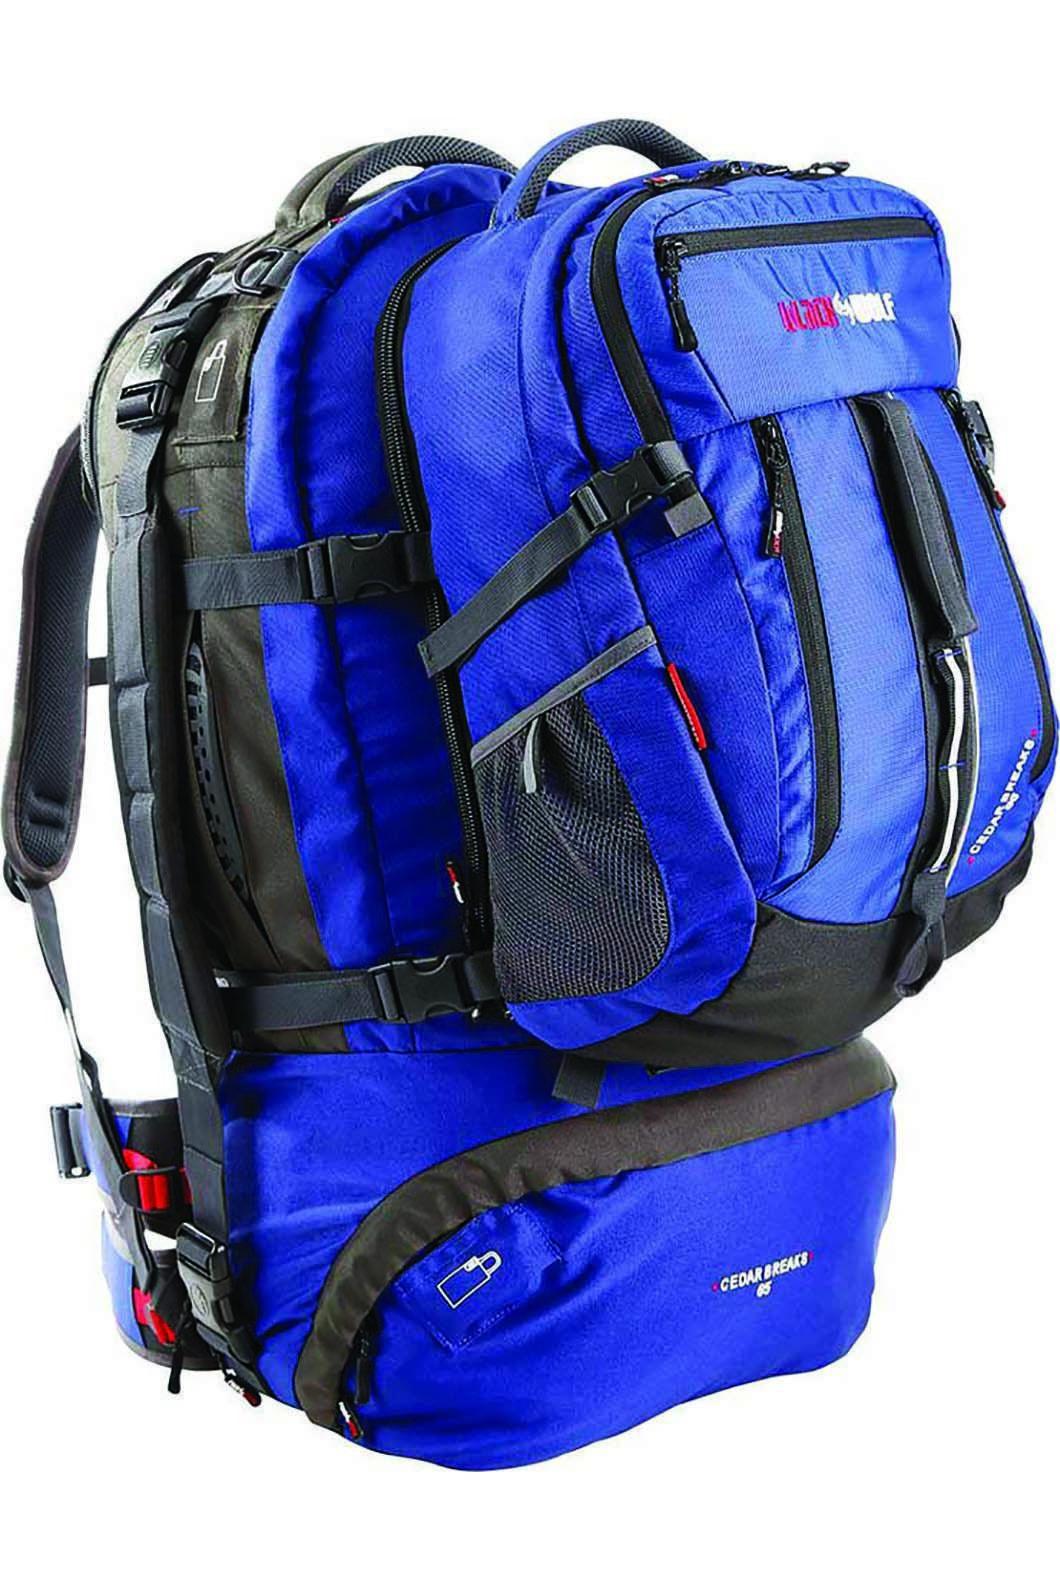 BlackWolf Cedar Breaks Travel Pack 75L5L, None, hi-res